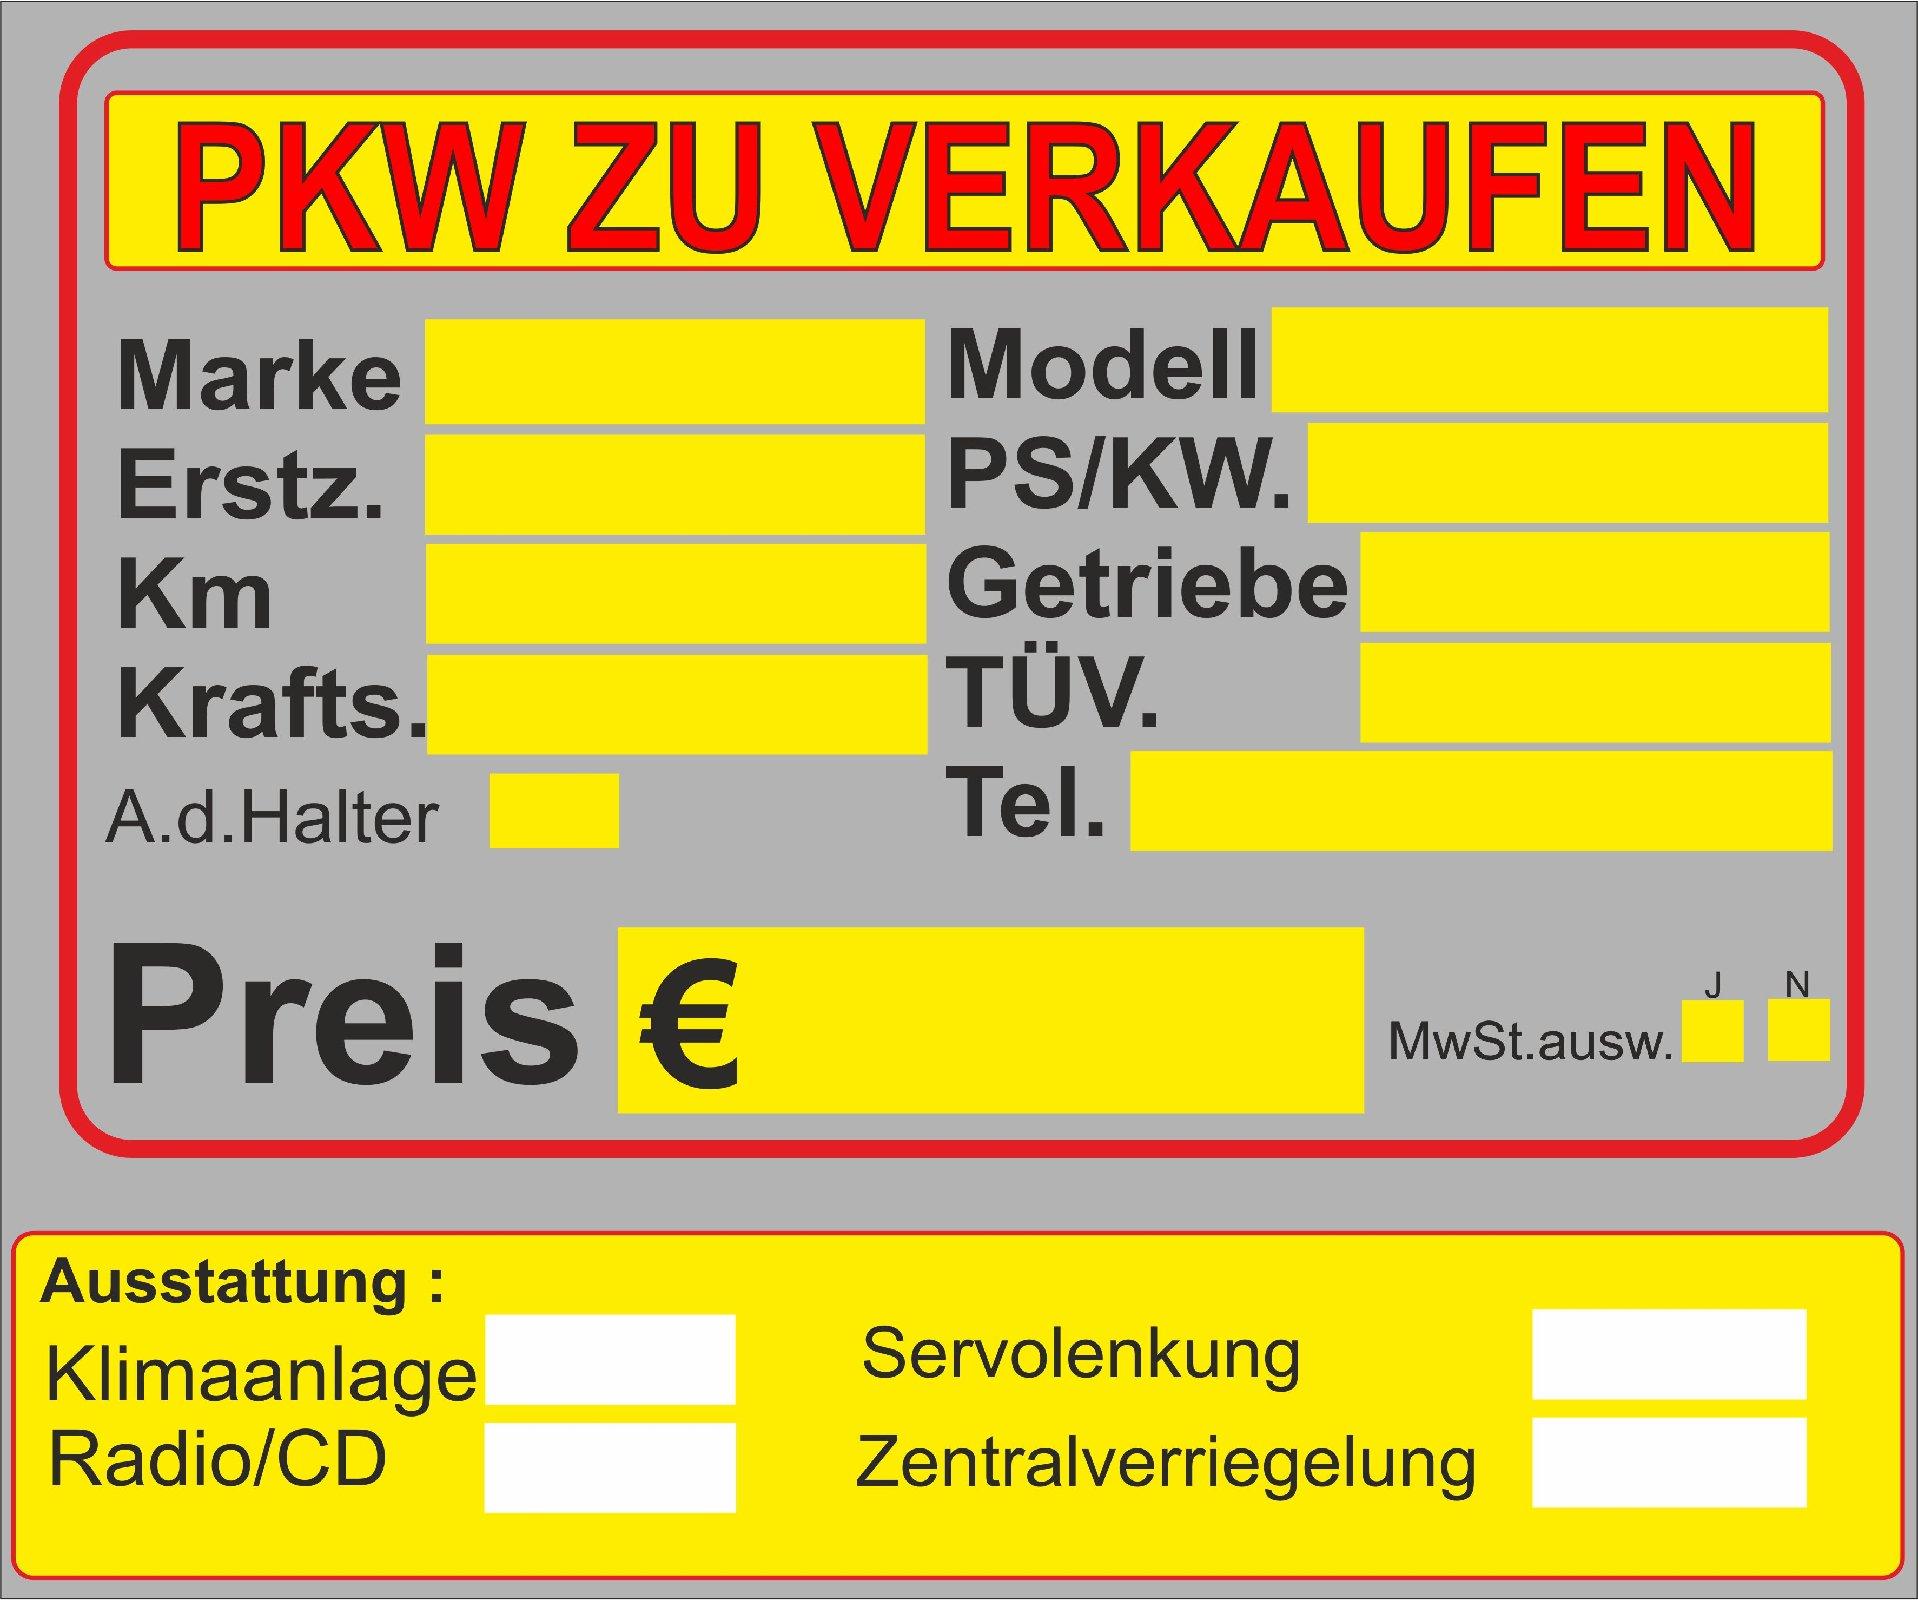 Großartig Auto Vorlage Zu Verkaufen Galerie - Entry Level Resume ...